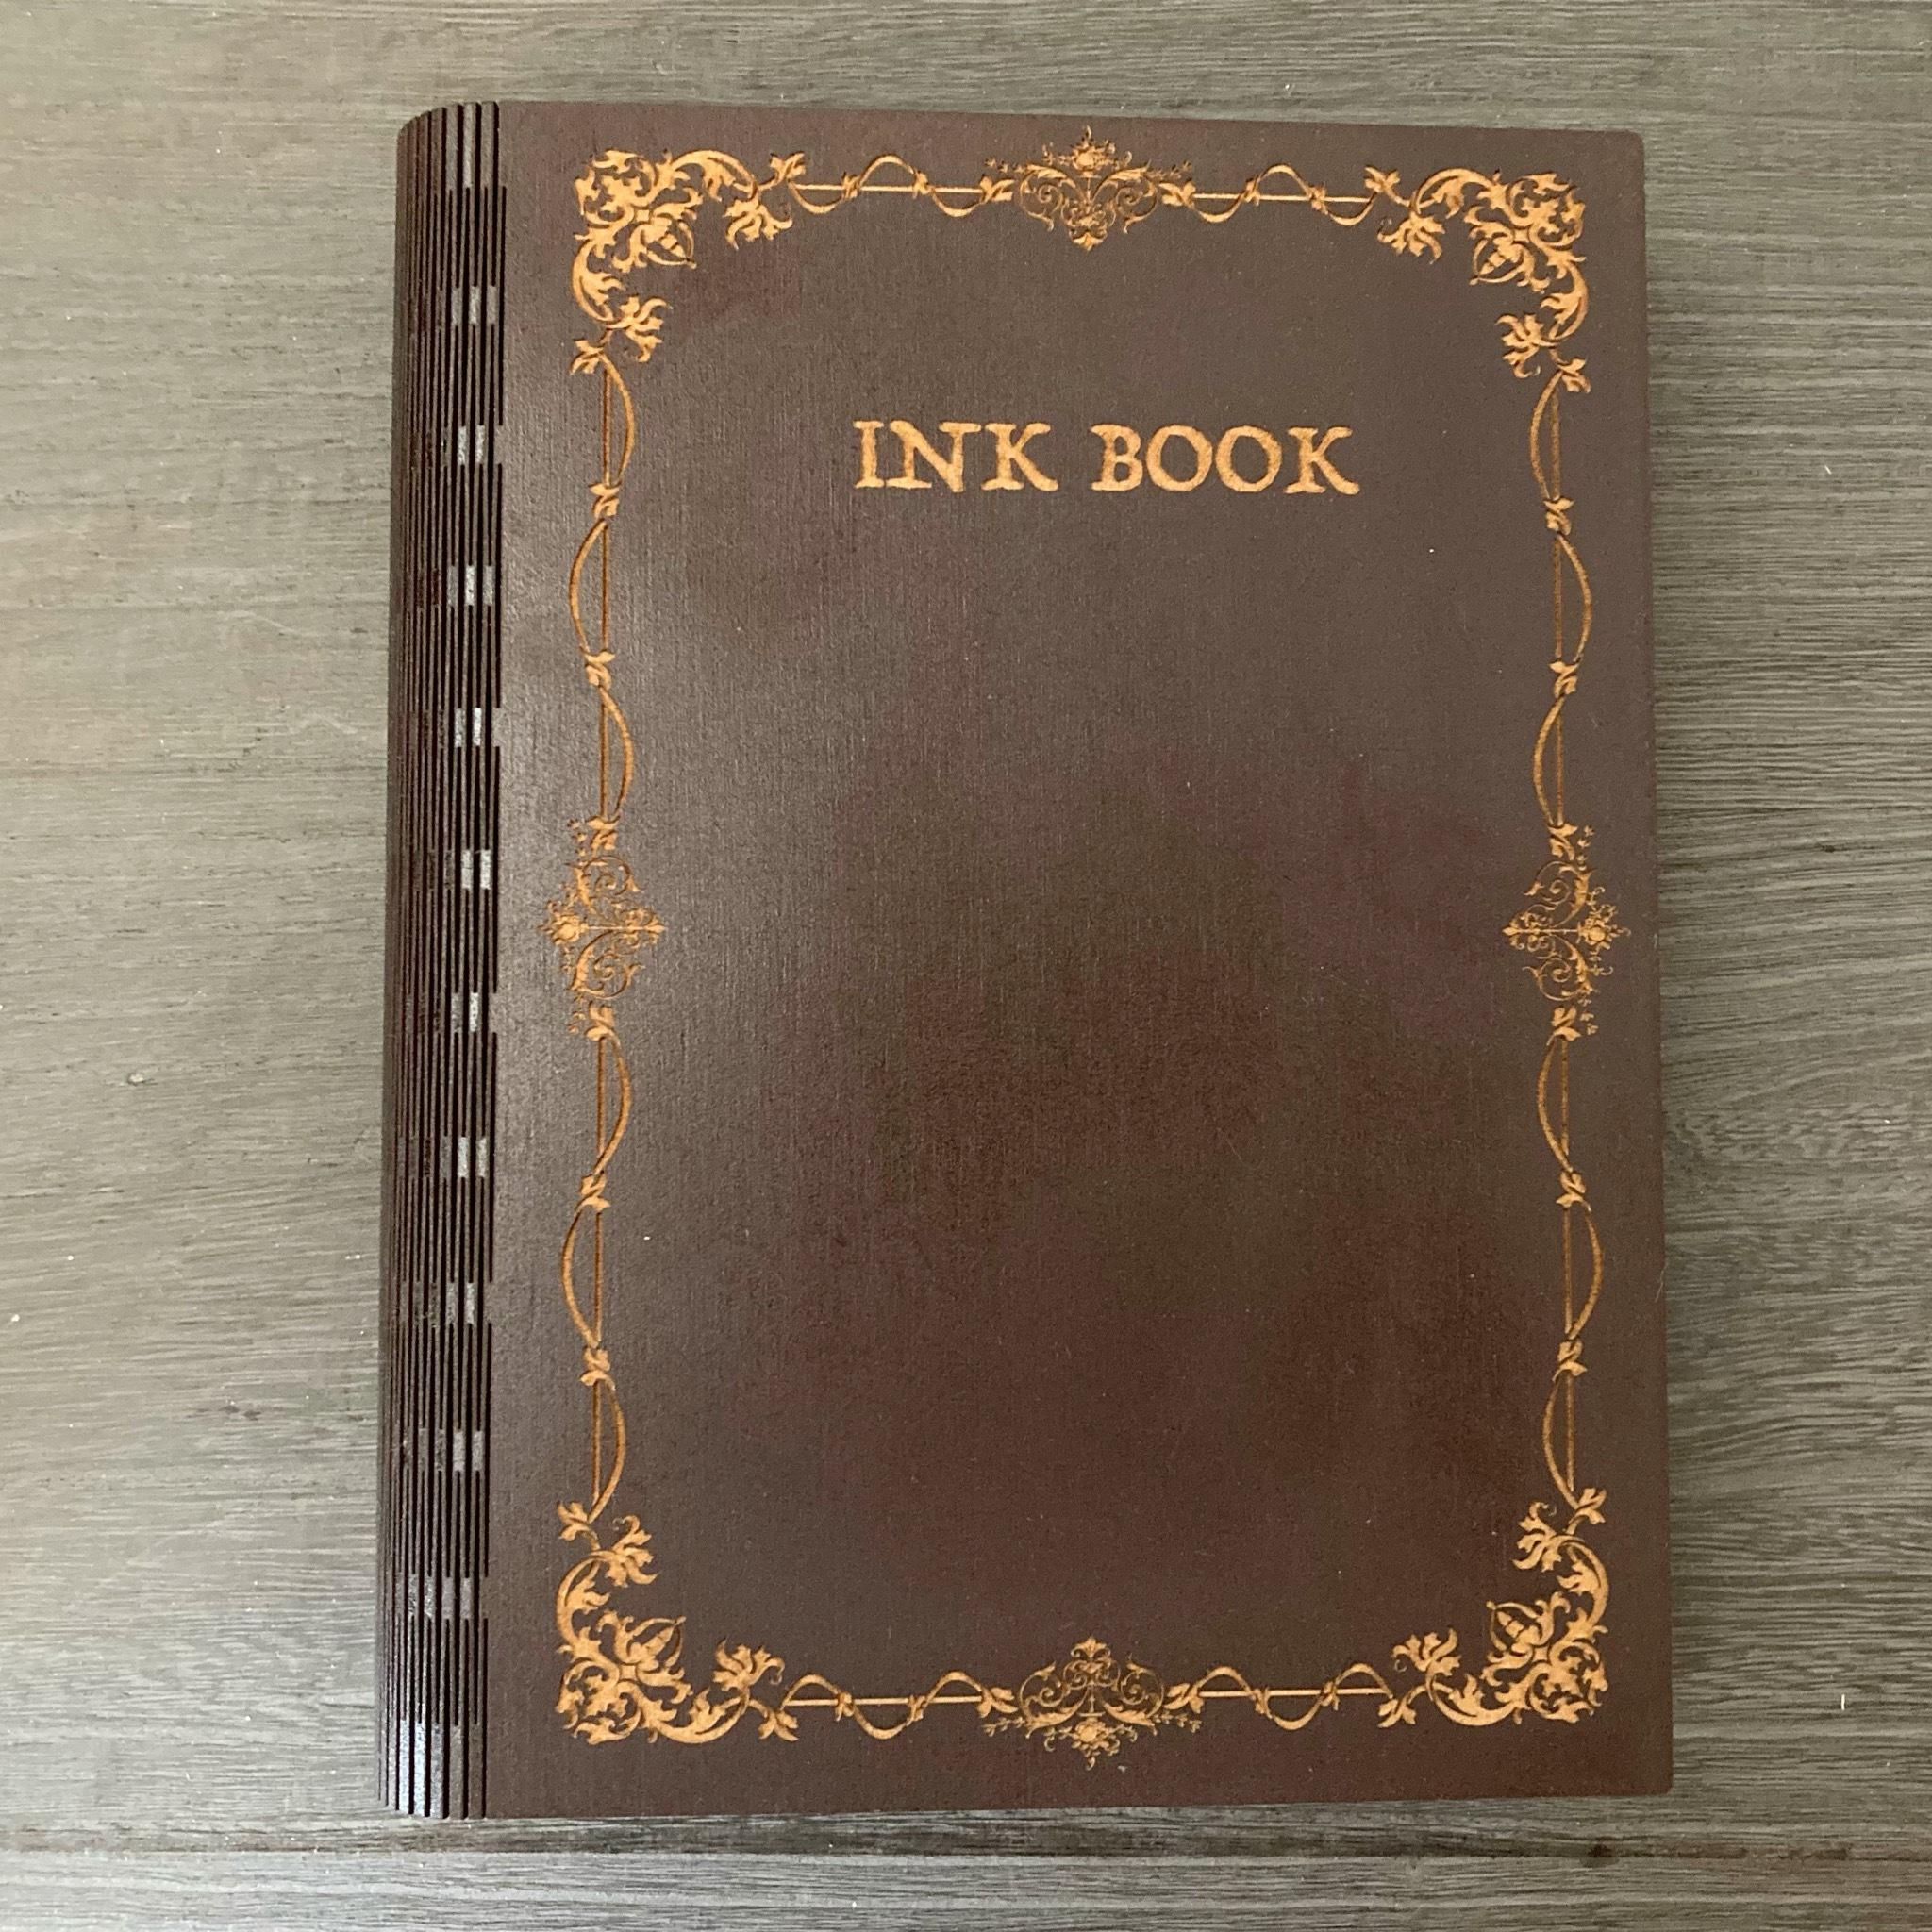 【数量限定】限定色INK BOOK for タミヤ瓶